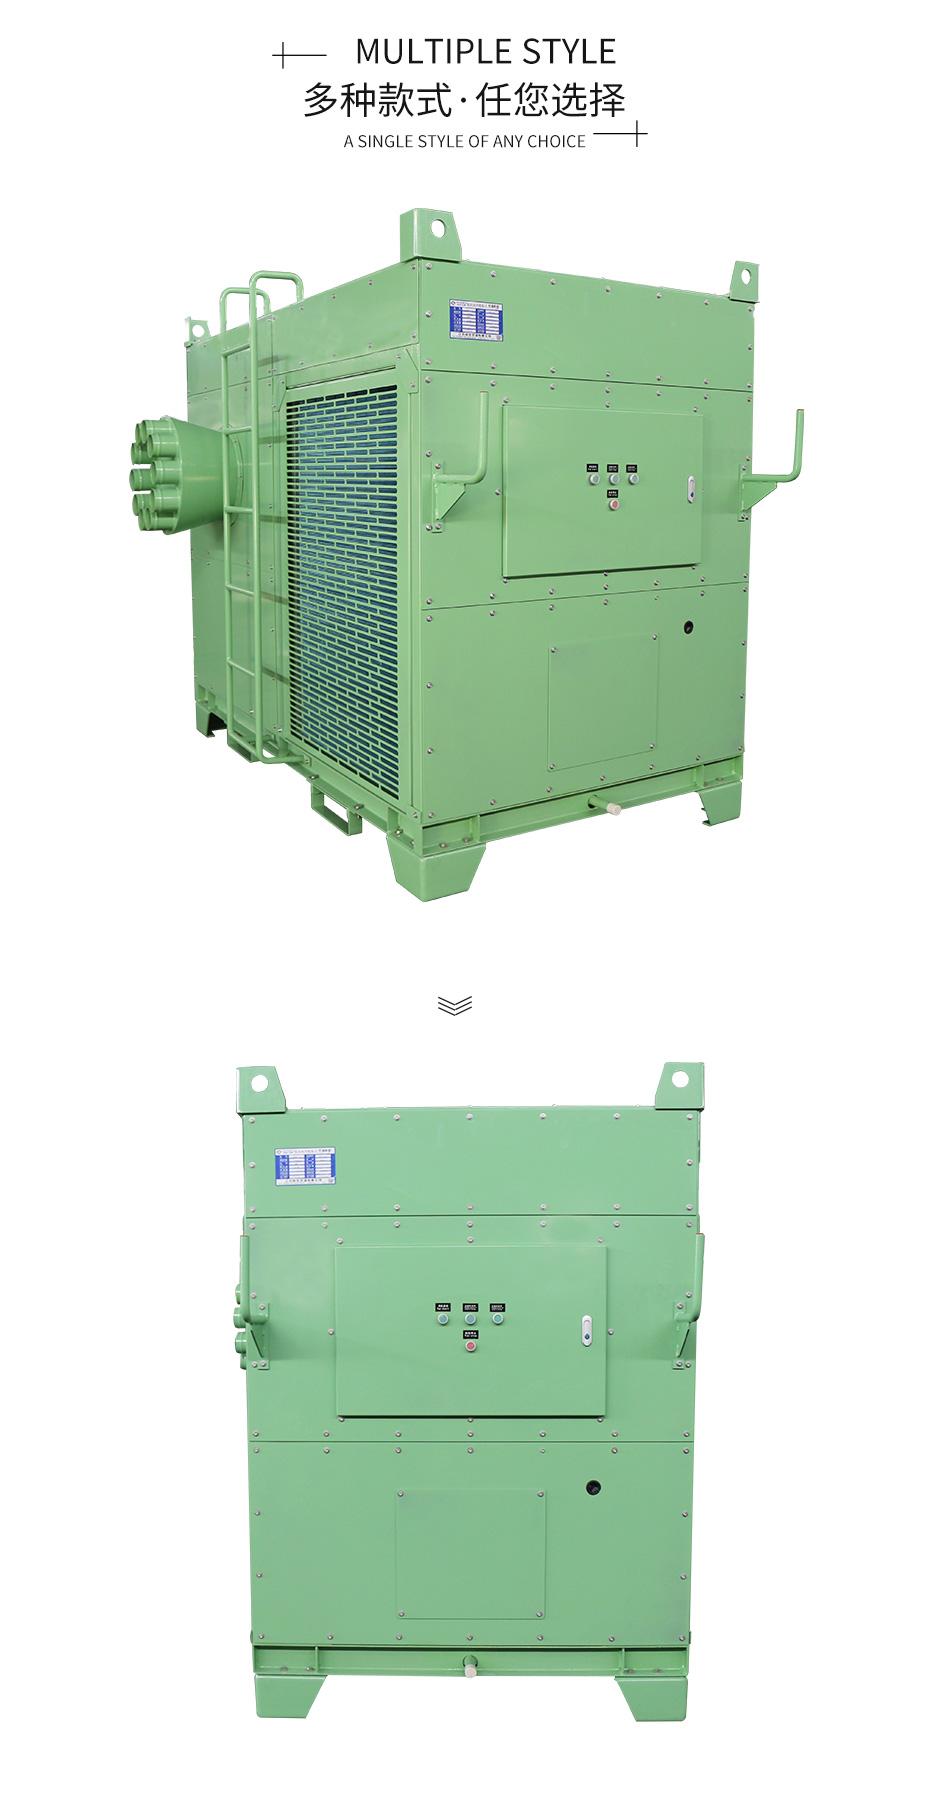 船用风冷组装式空调机组_04